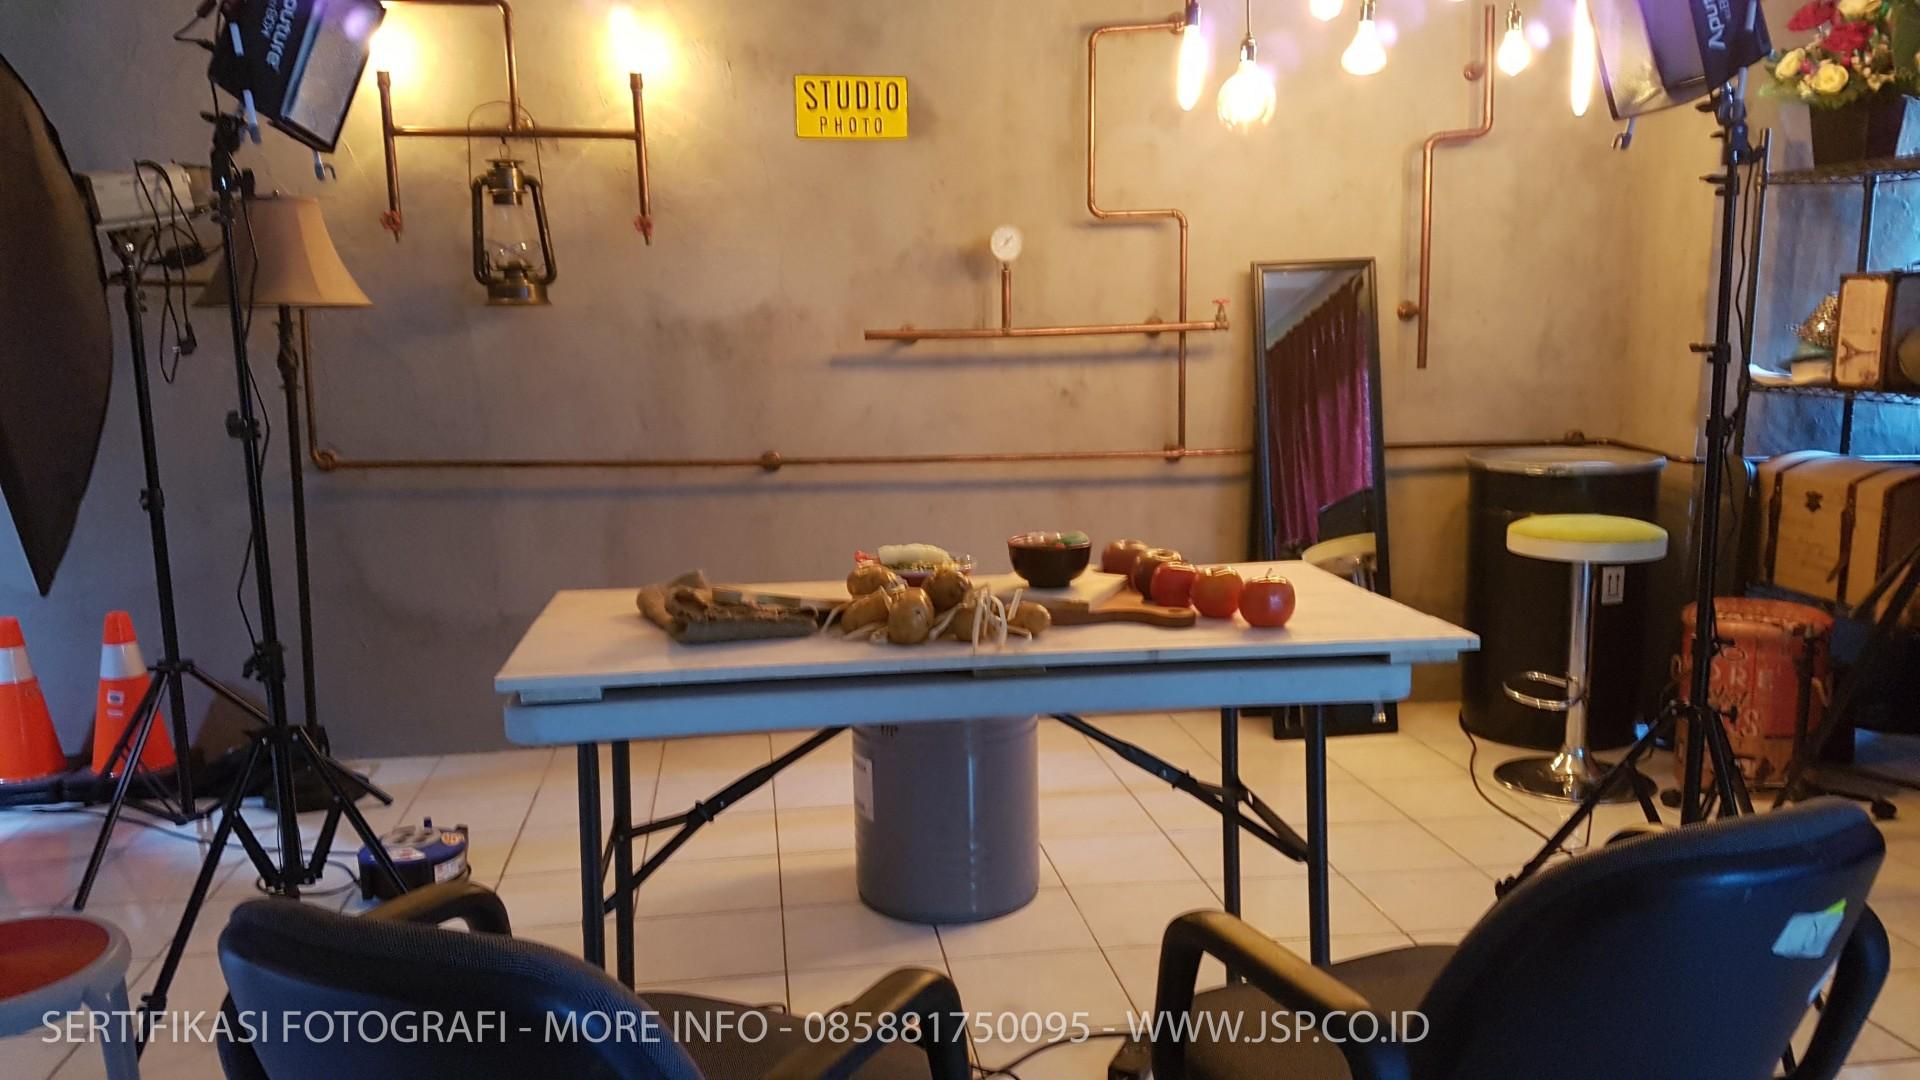 sertifikasi fotografi indonesia-3